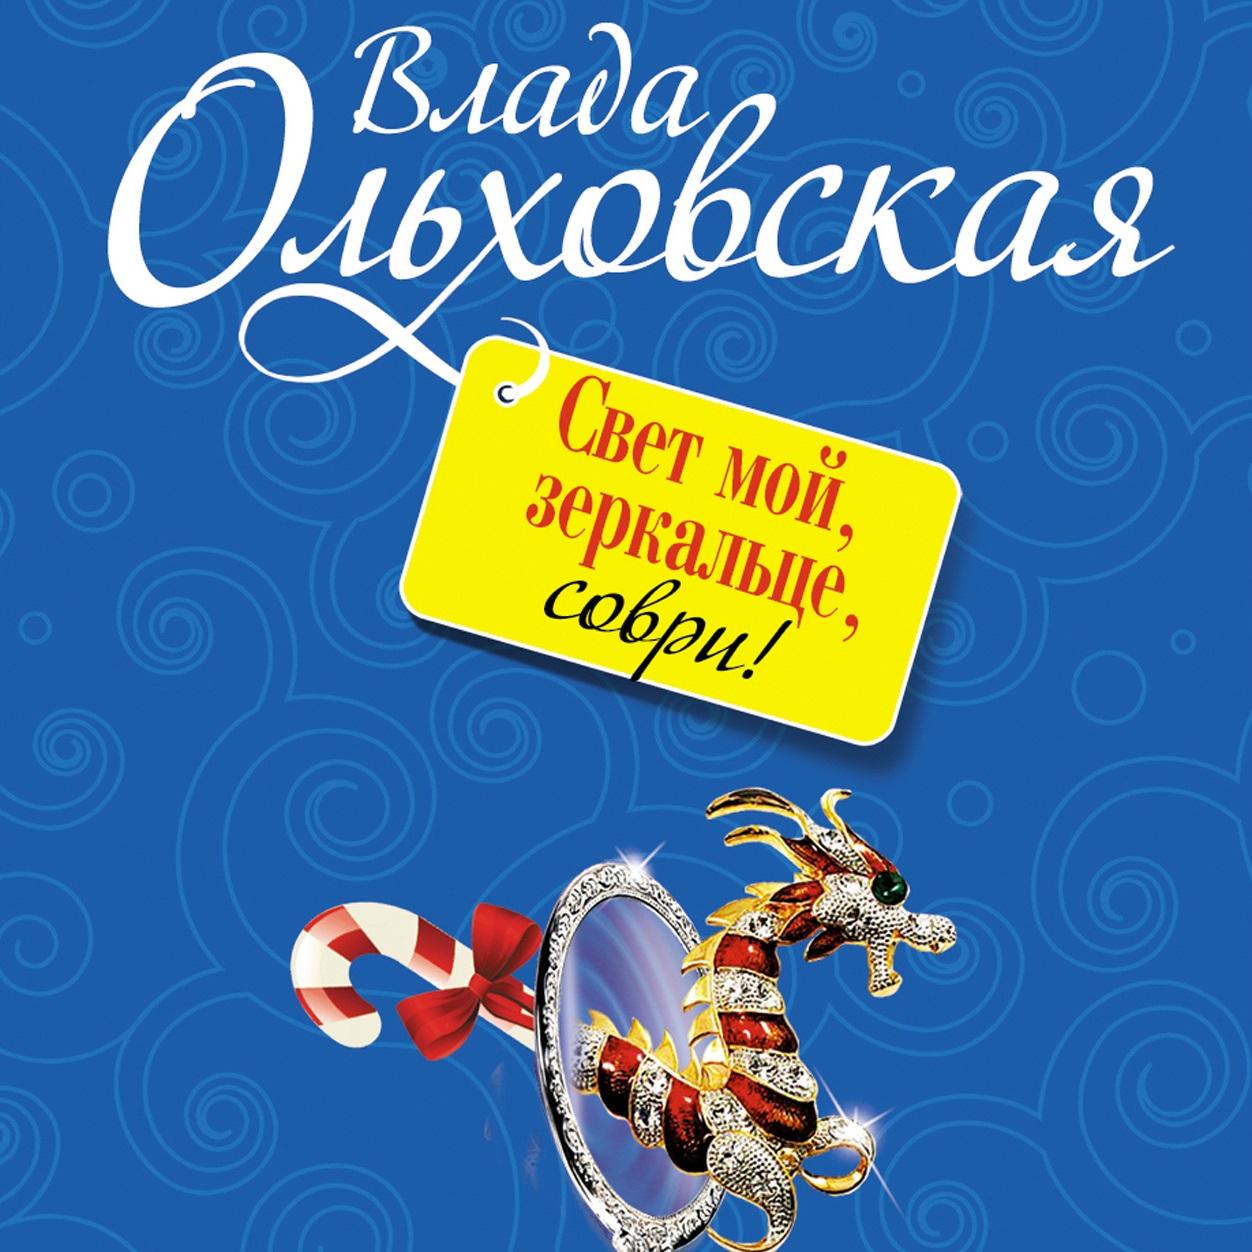 Купить книгу Свет мой, зеркальце, соври!, автора Влады Ольховской